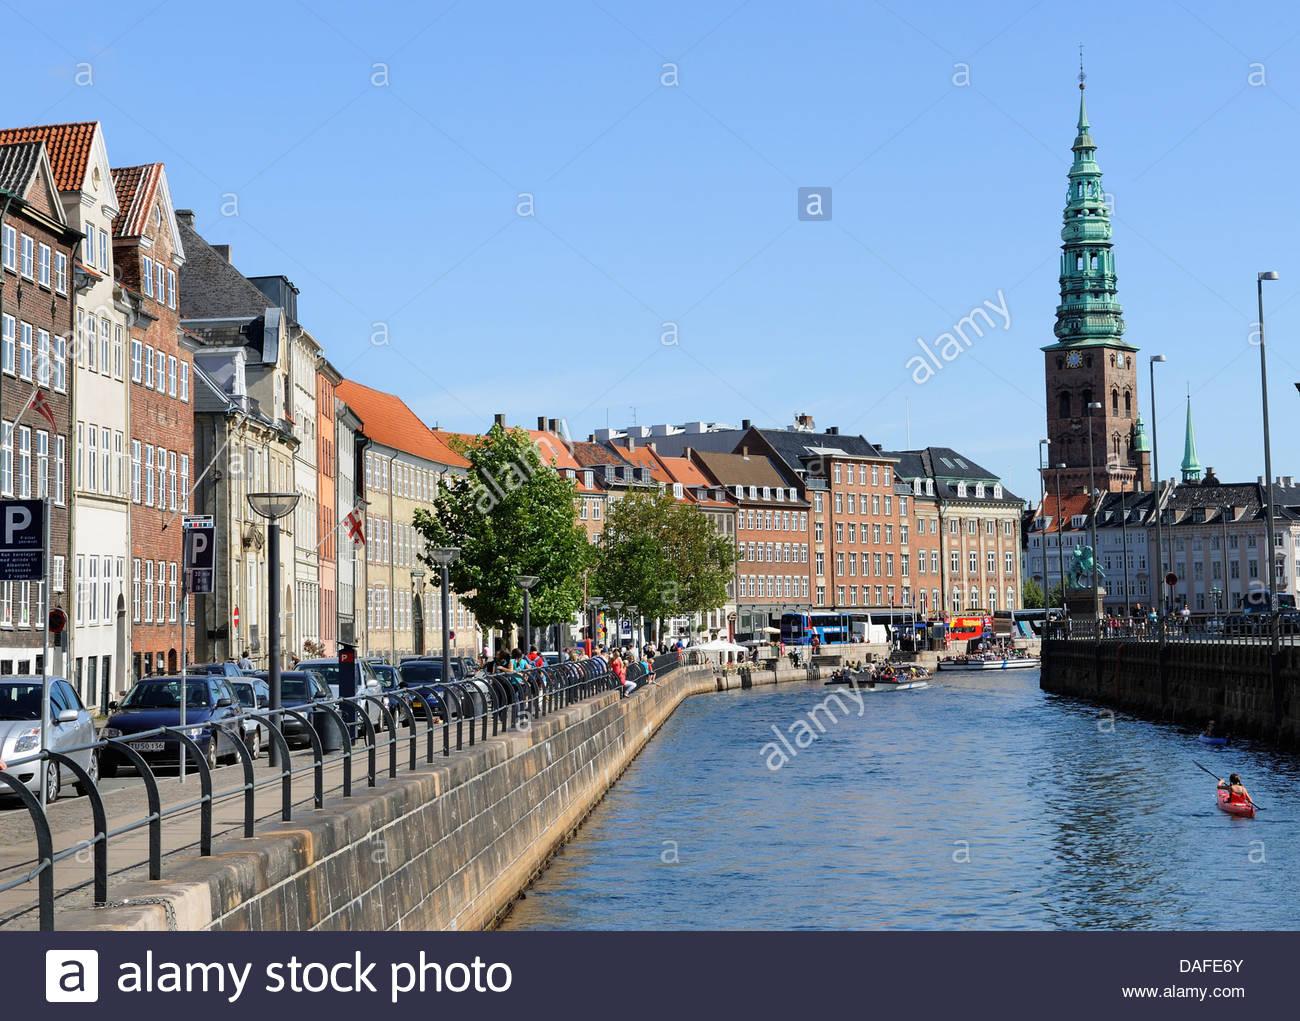 Denmark, Copenhagen, View of Frederiksholm Kanal - Stock Image